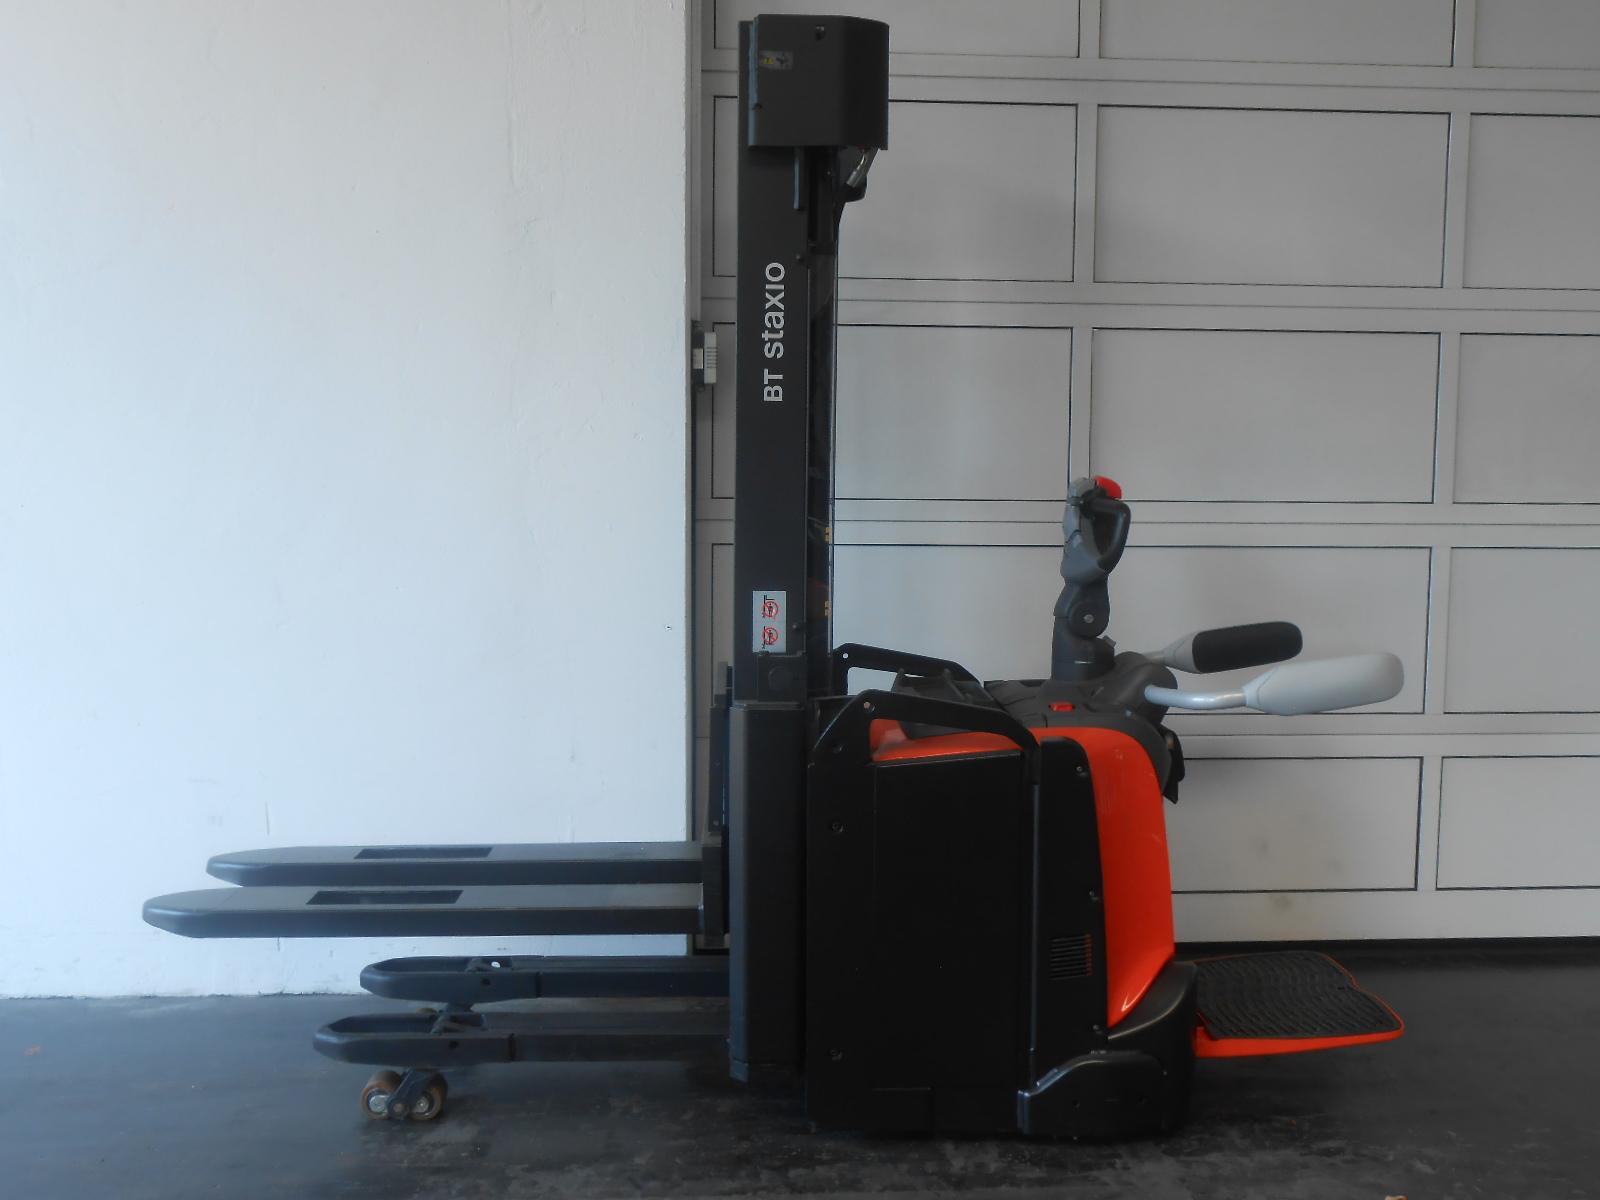 Toyota-Gabelstapler-59840 1807019104 1 78